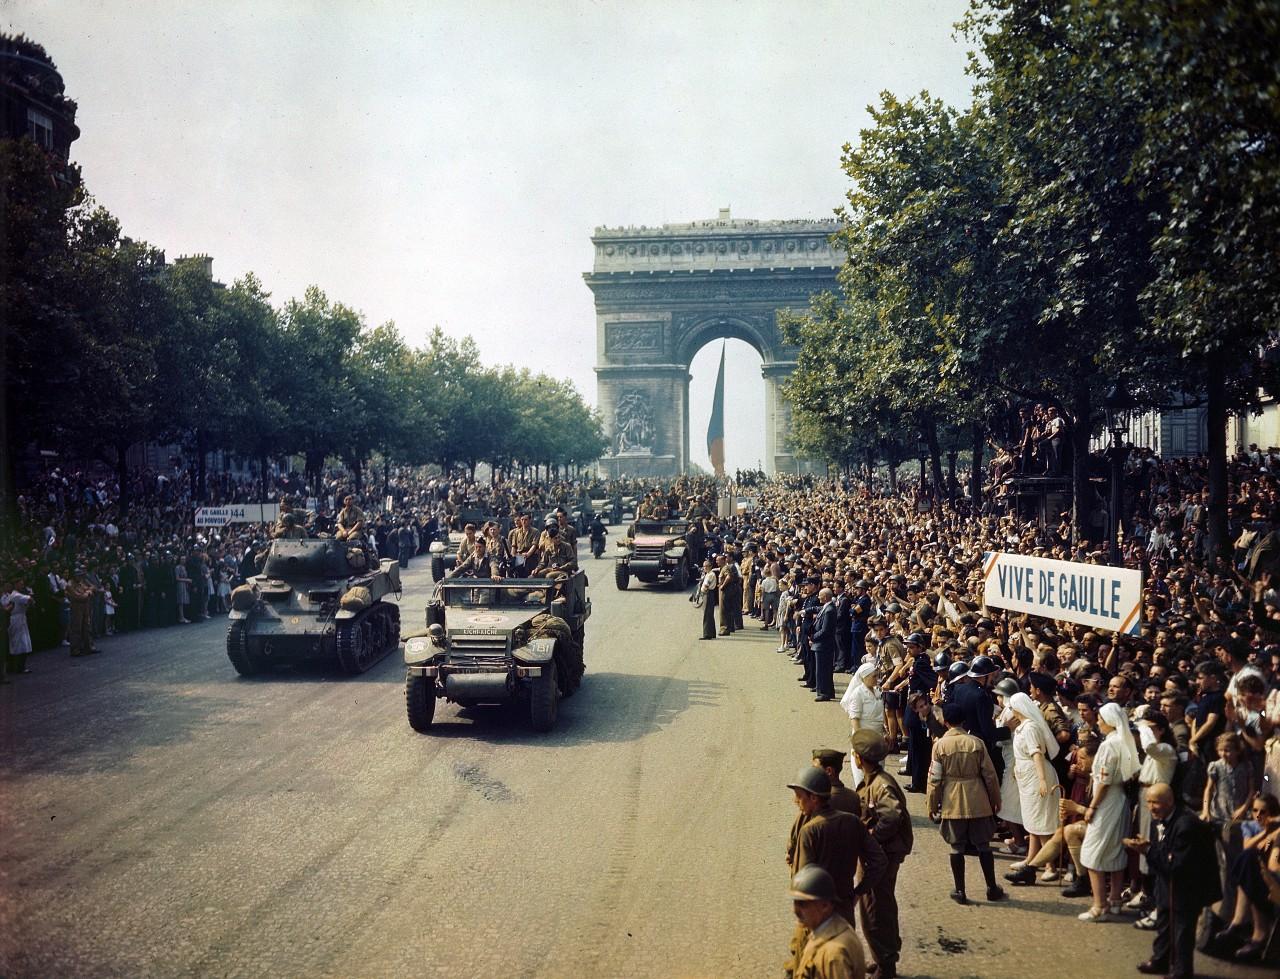 Défilé des chars alliés sur les Champs-Élysées après la Libération de Paris, 25 août 1944. © United Archives / Leemage